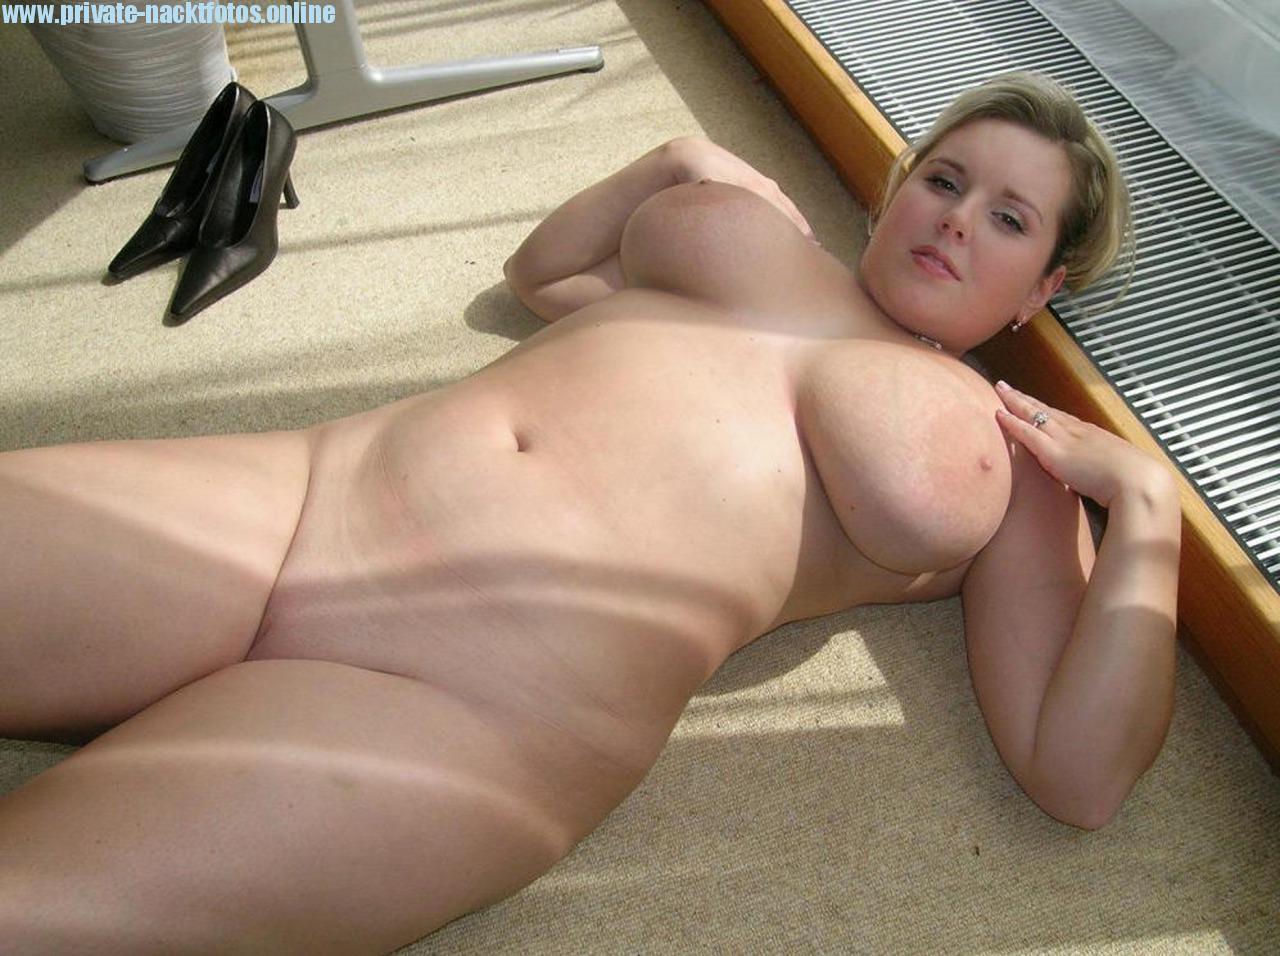 Фото полненьких голых женщин бесплатно, Порно фото с полными дамами 14 фотография